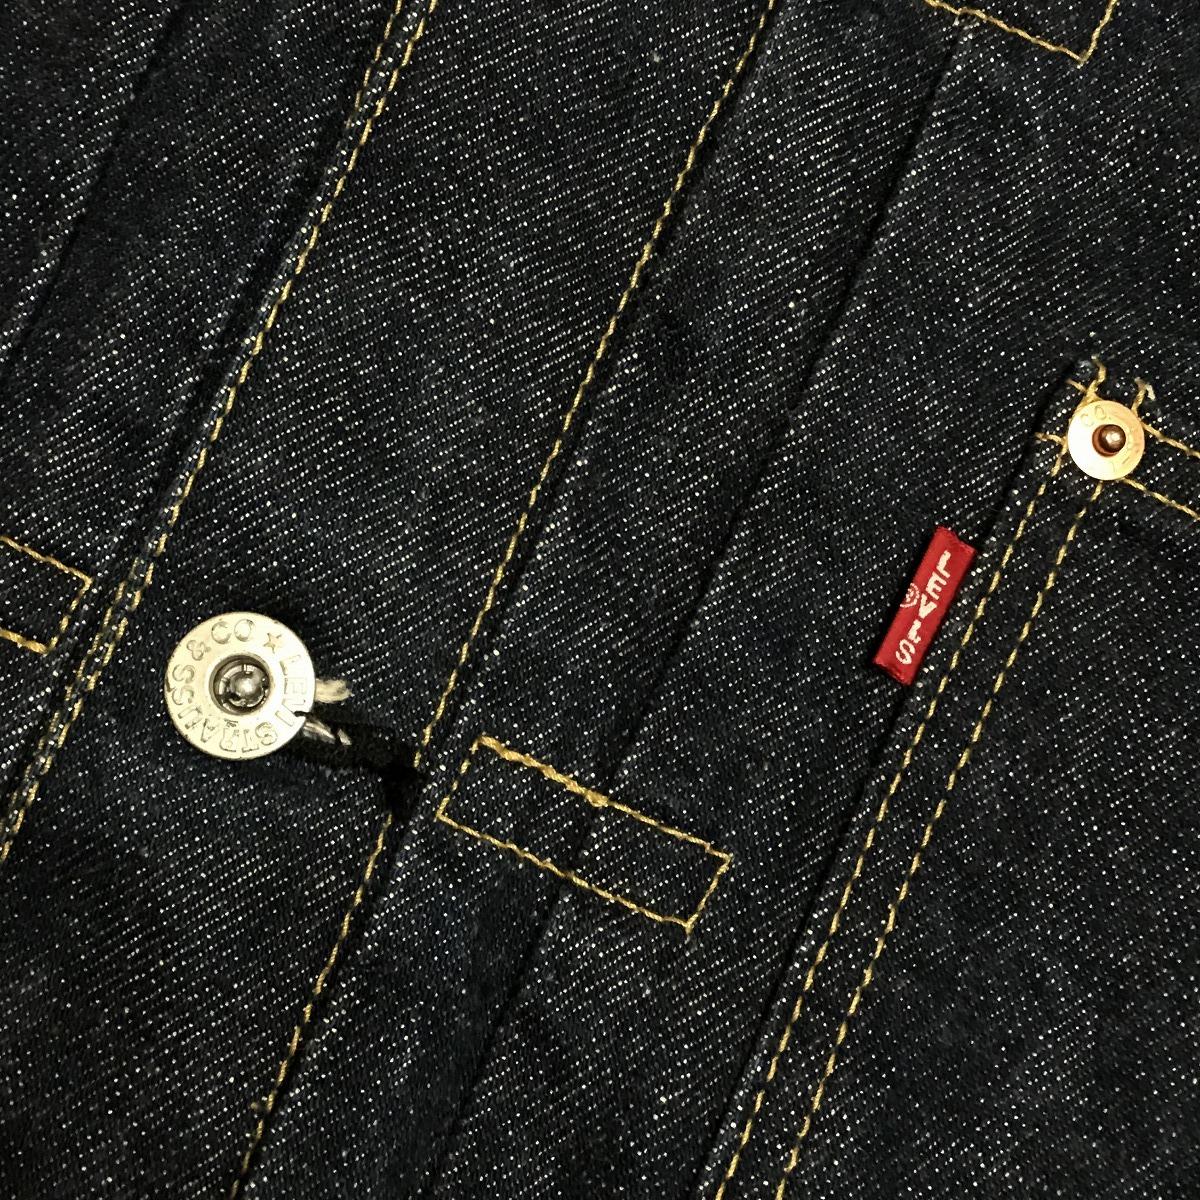 リーバイス 71506 サイズ40 濃紺 美品 LEVI'S ビッグE 日本製 復刻 デニムジャケット BIGE ファースト/ 507 XX Gジャン LVC_画像4